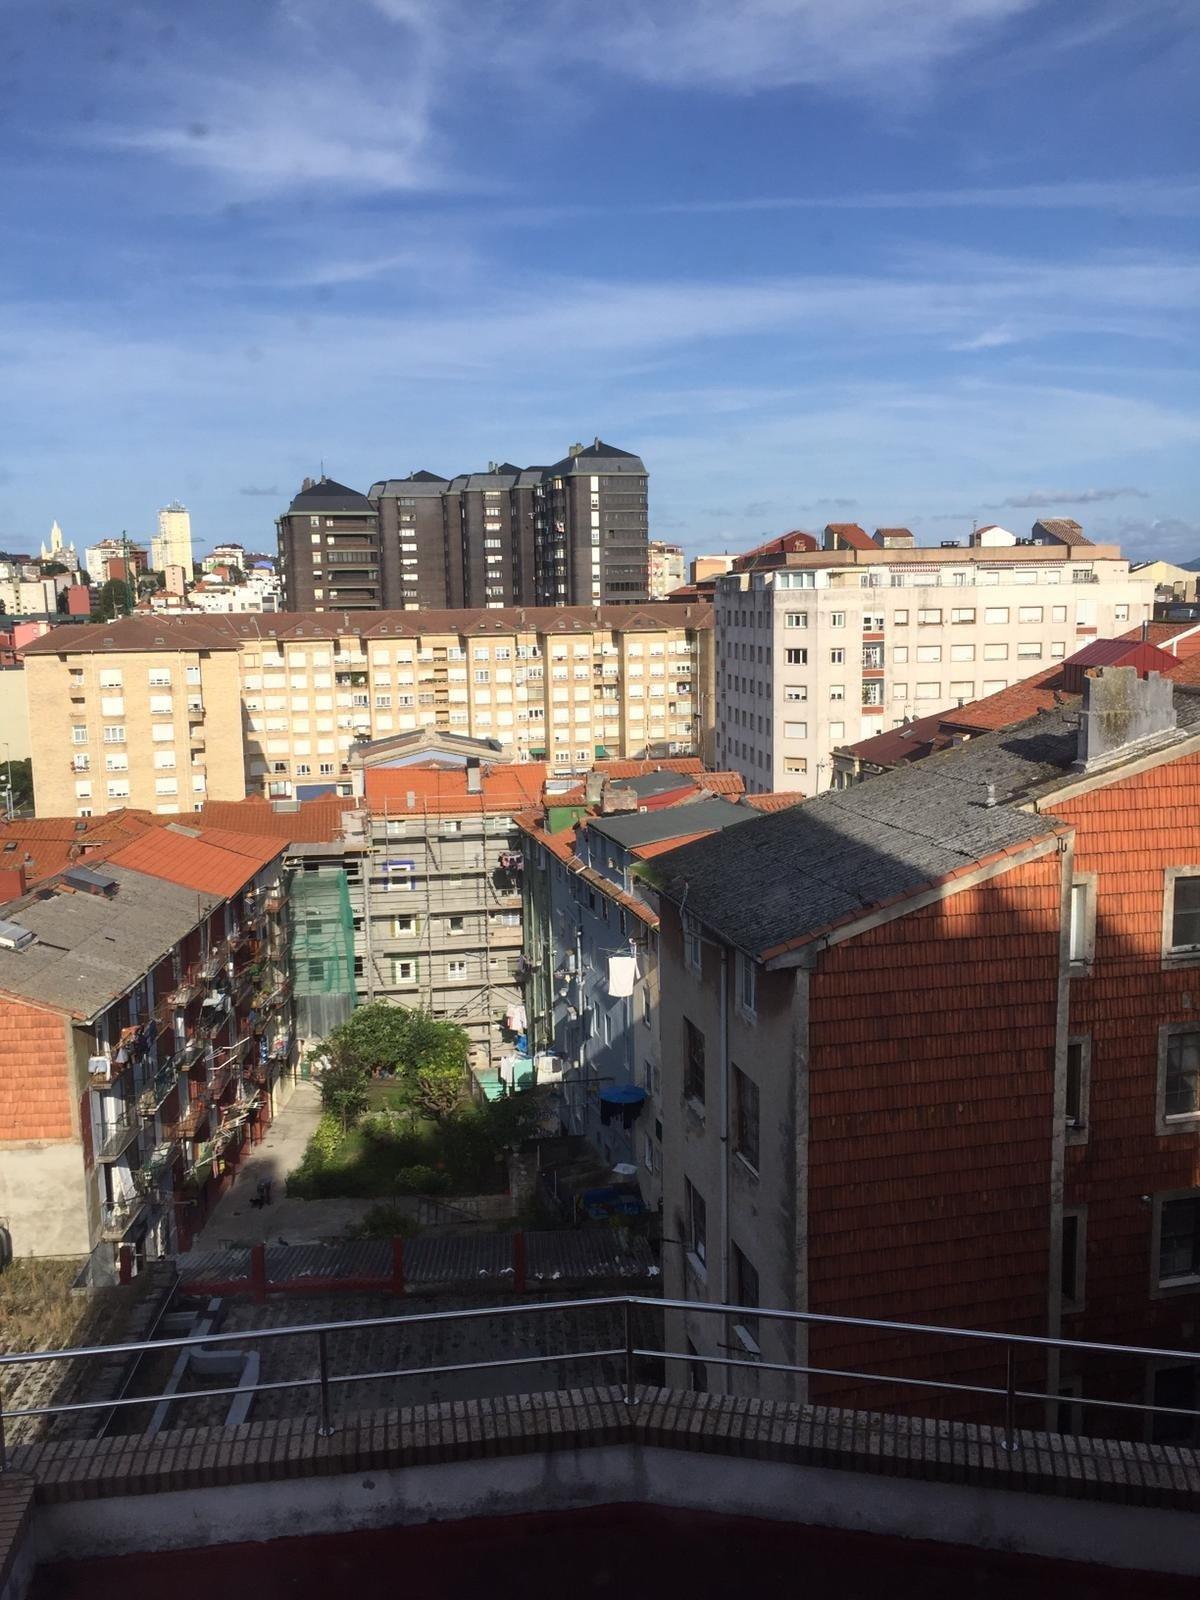 Piso en venta en Santander  de 1 Habitación, 1 Baño y 67 m2 por 139.000 €.